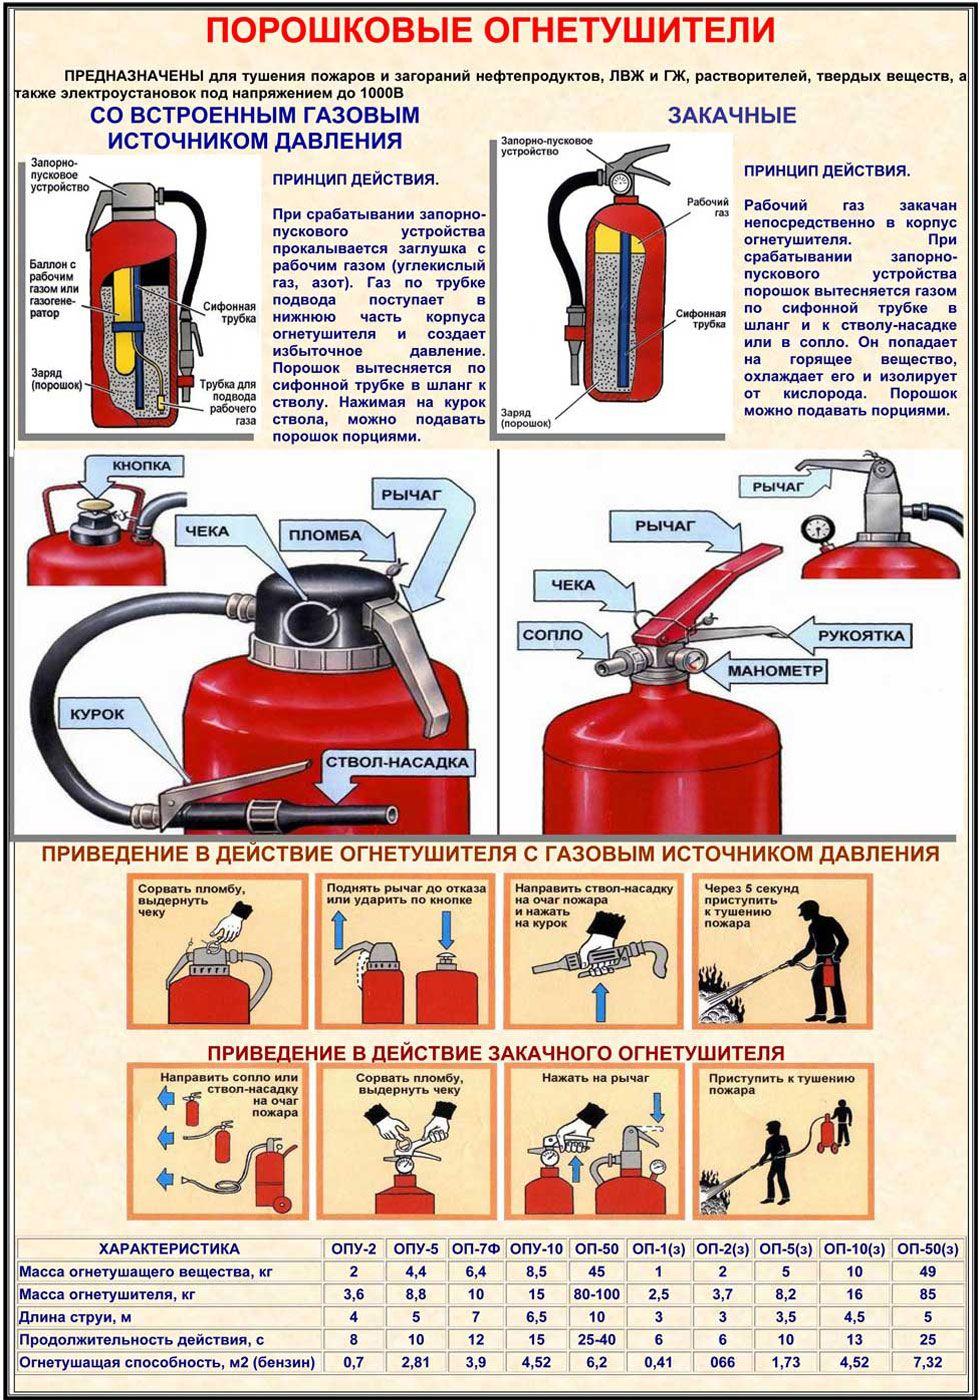 Инструкция по эксплуатации огнетушителя